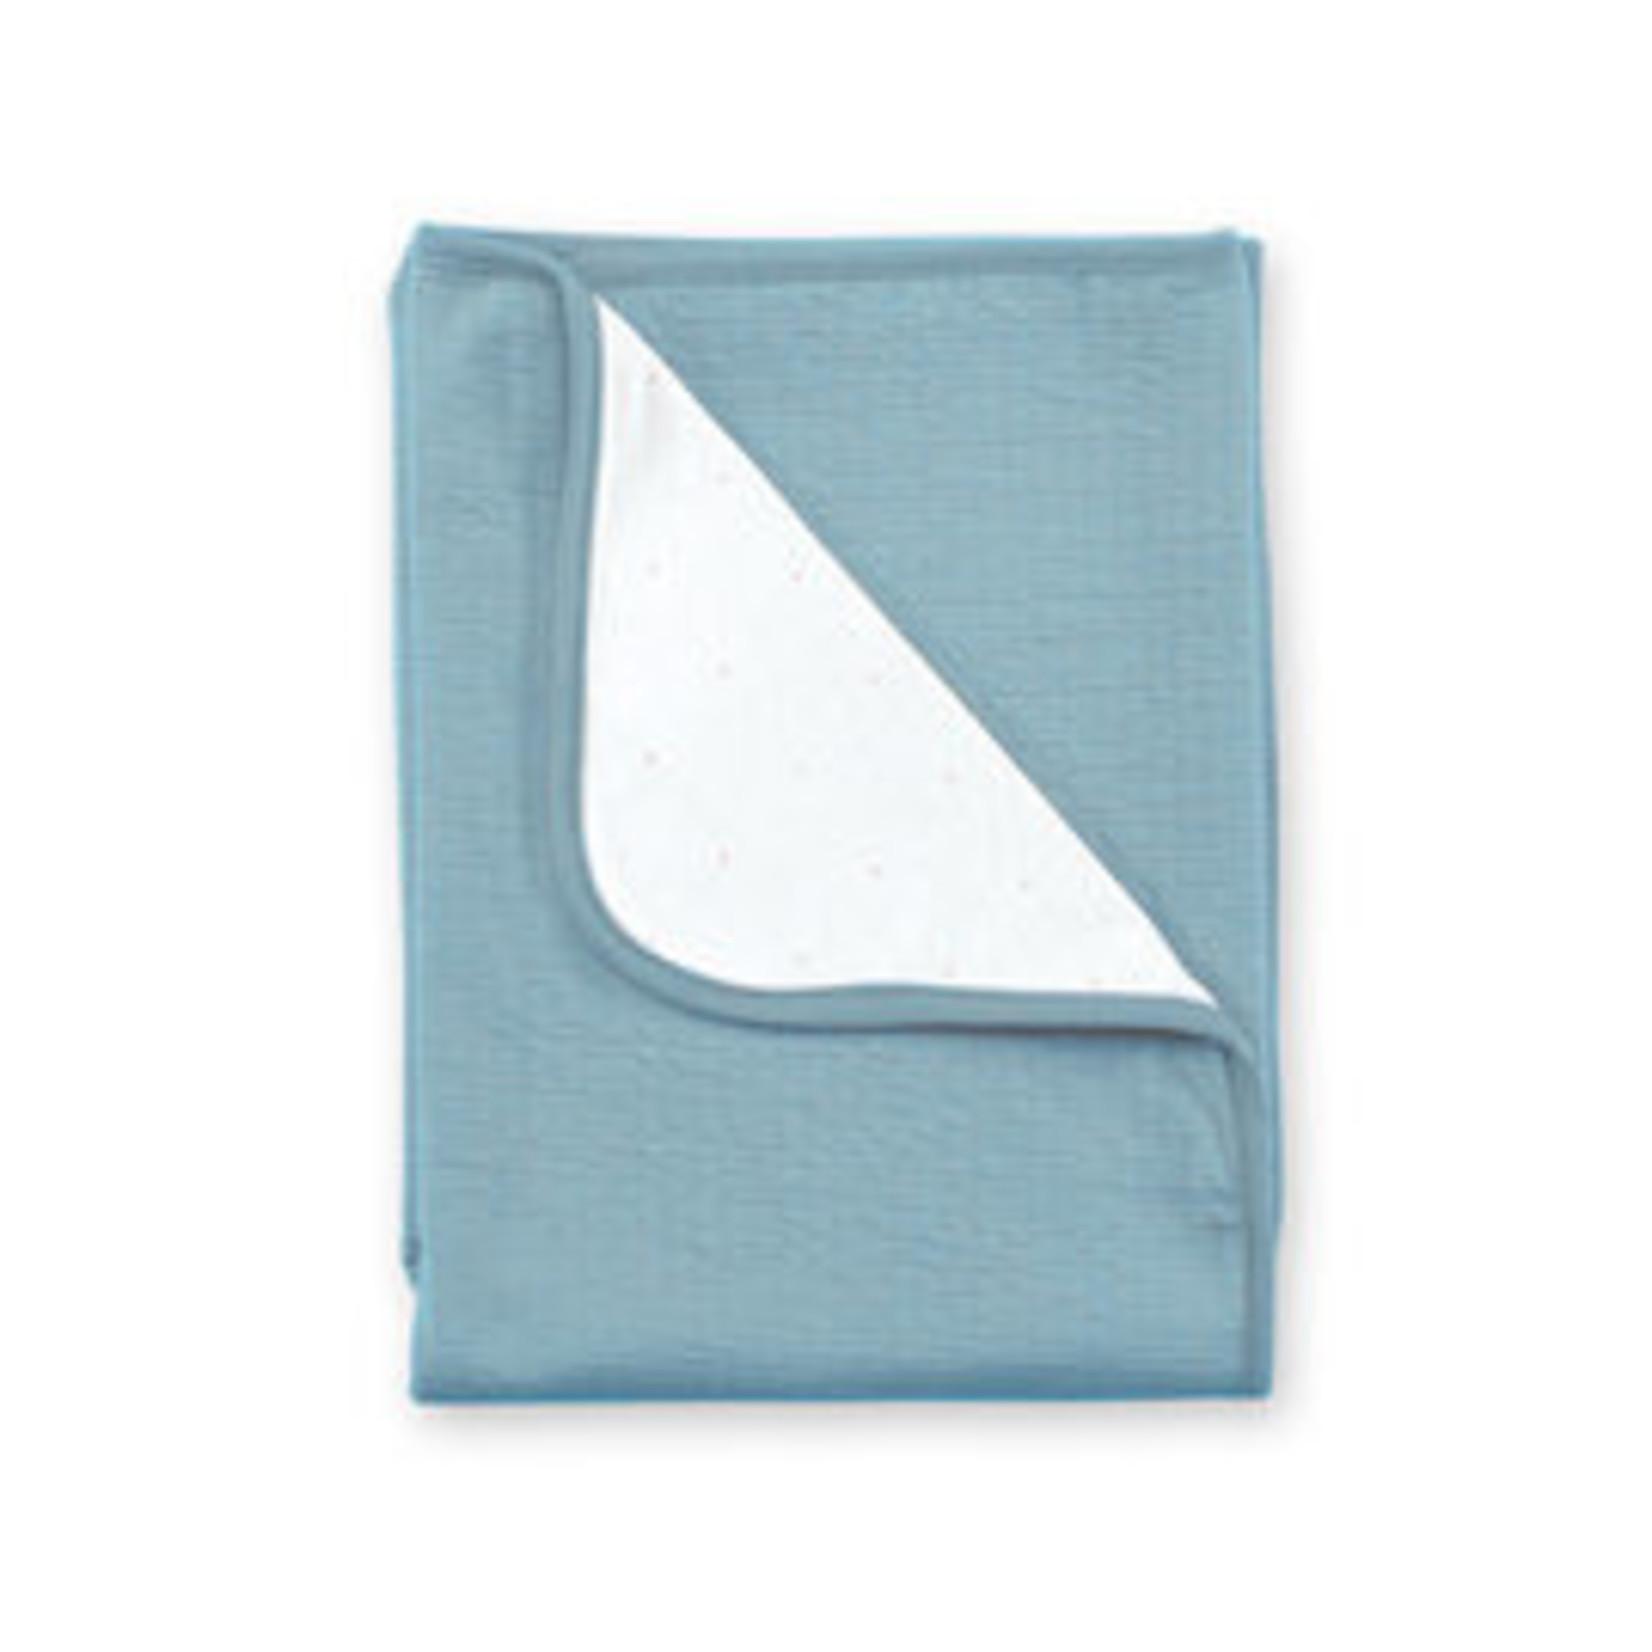 Bemini Bemini Deken 75x100cm Tetra Jersey Mineraal blauw